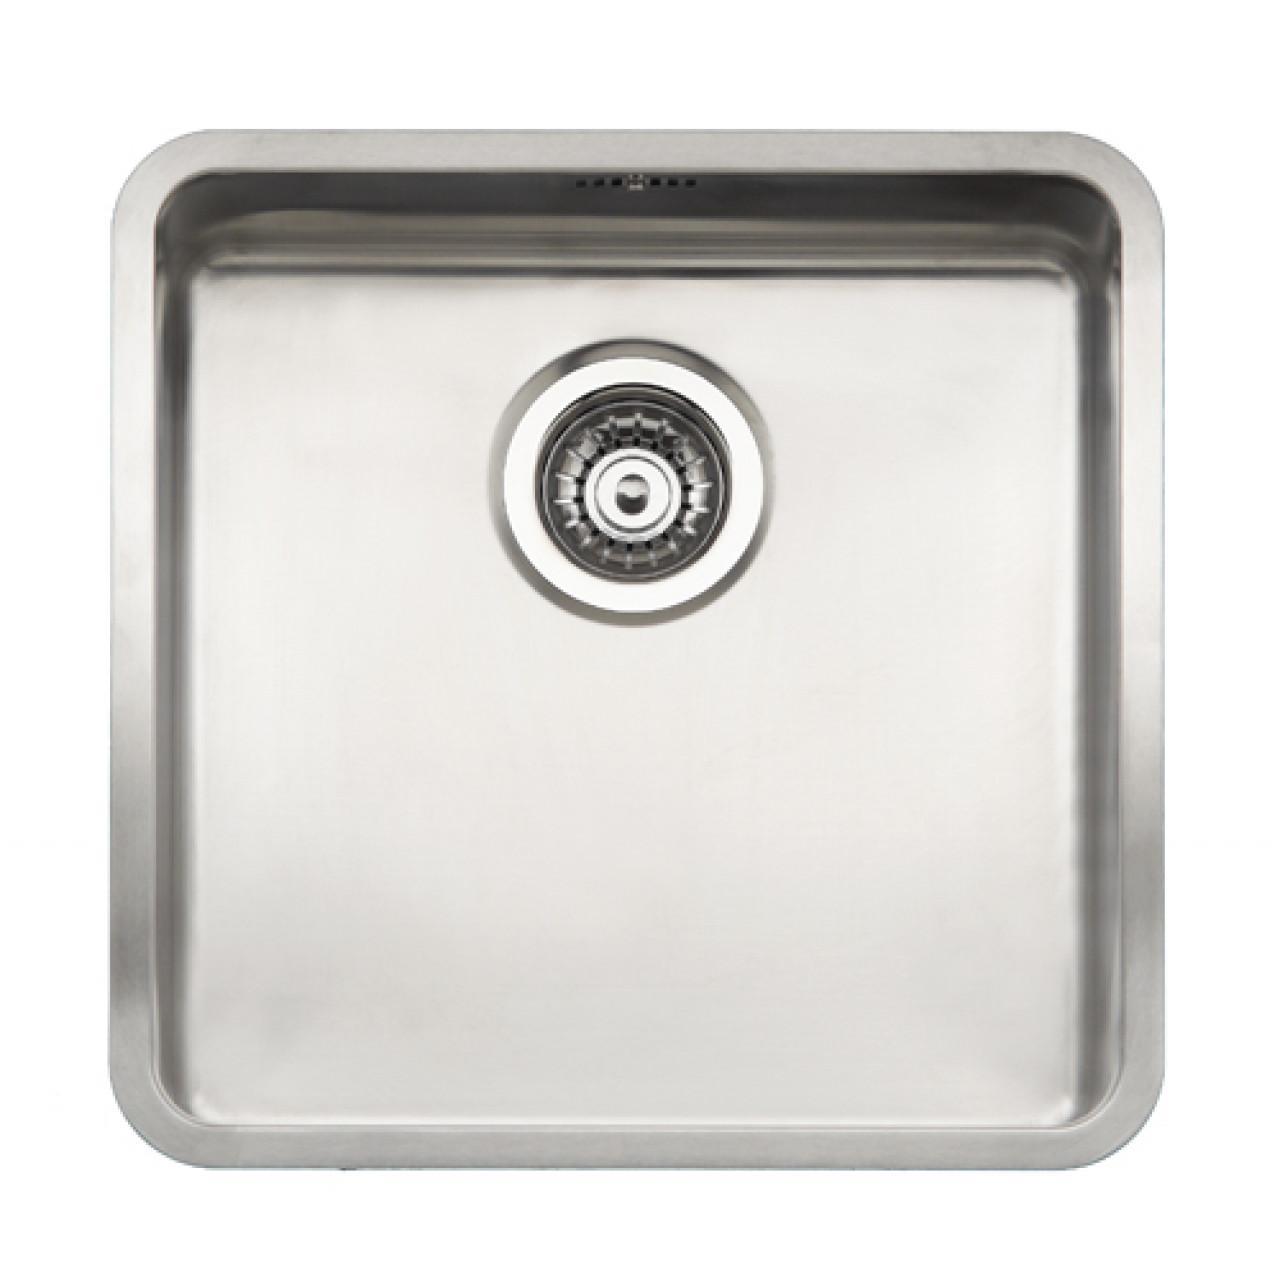 Кухонная мойка Reginox Kansas 440х440 Cuadrat 42417 купить в Москве по цене от 33720р. в интернет-магазине mebel-v-vannu.ru